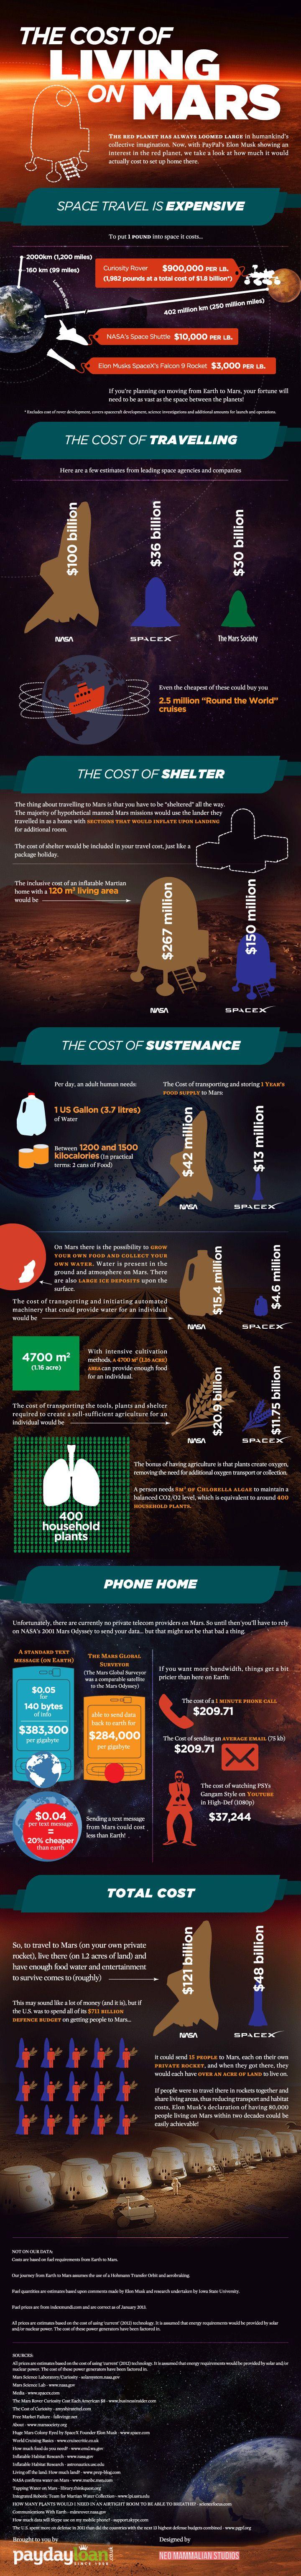 Cuanto costaría vivir en Marte?